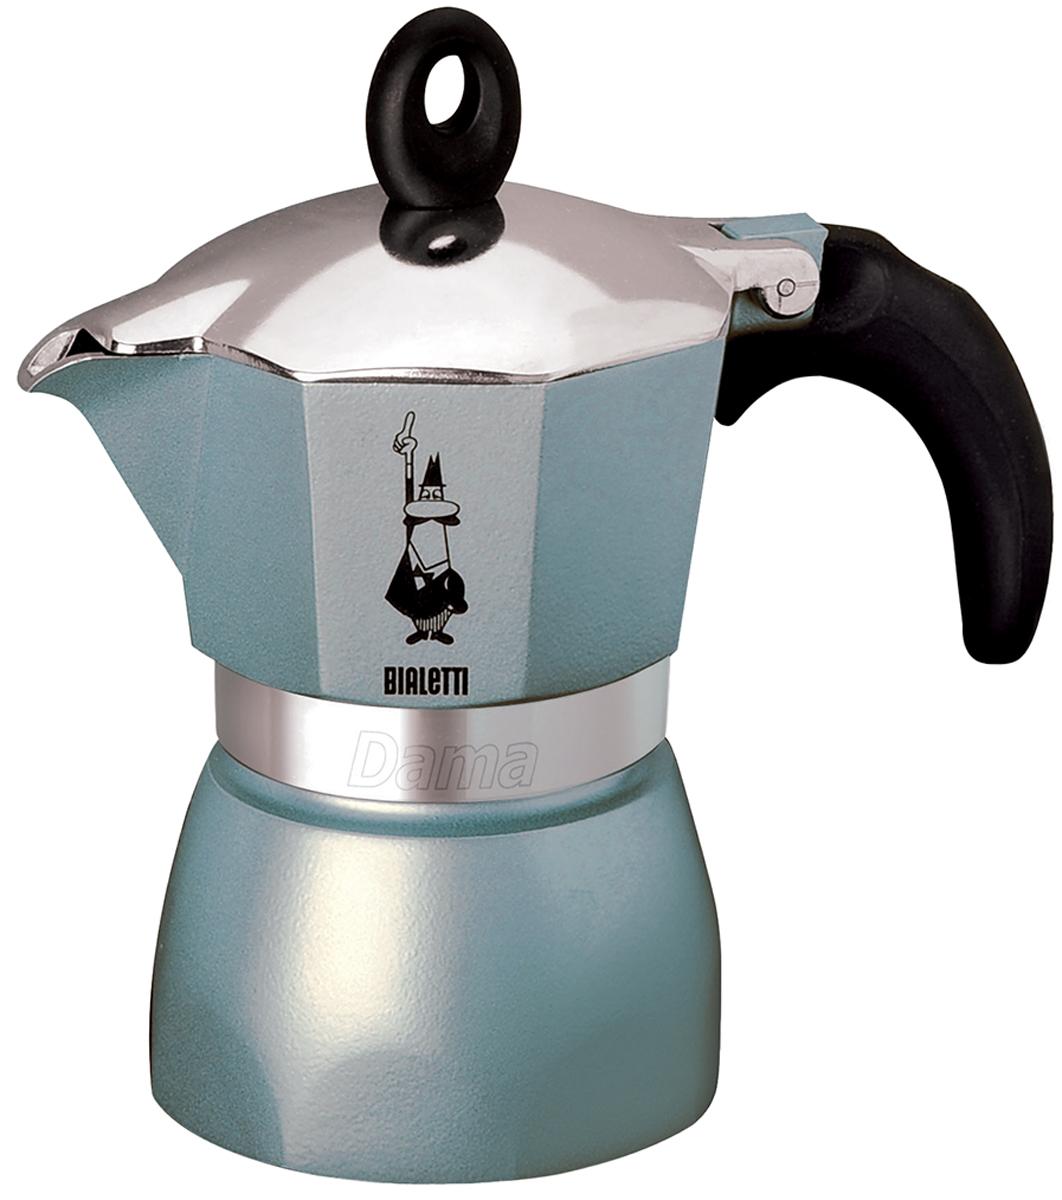 Кофеварка гейзерная Bialetti Dama Glamour, цвет: голубой, 3 порции4302Гейзерная кофеварка Bialetti Dama Glamour с современным ярким дизайном создана для тех, кто любит творческие кофе-брейки с интригующим и манящим ароматом. Изделие выполнено из алюминия, снабжено удобной ненагревающейся ручкой с прорезиненным покрытием. В гейзерной кофеварке кофе готовится за счет давления пара. Изделие имеет две емкости: верхнюю - для готового кофе, и нижнюю - для воды. На нижнюю емкость установлен фильтр в форме воронки. При нагревании часть воды в нижней емкости превращается в пар. Со временем его давление растет, и постепенно пар начинает выдавливать кипящую воду вверх. Вода проталкивается через молотый кофе, и полученный напиток выплескивается в верхнюю емкость. Когда вся жидкость из нижней емкости переместится в верхнюю, кофе готов. По принципу действия кофеварка напоминает гейзер, от чего и получила свое название. Предназначена для приготовления кофе на электрических и газовых плитах, а также других нагревающих поверхностях, кроме индукционных плит. Не рекомендуется мыть в посудомоечной машине. Высота (без учета крышки): 12,5 см. Диаметр (по верхнему краю): 9 см.